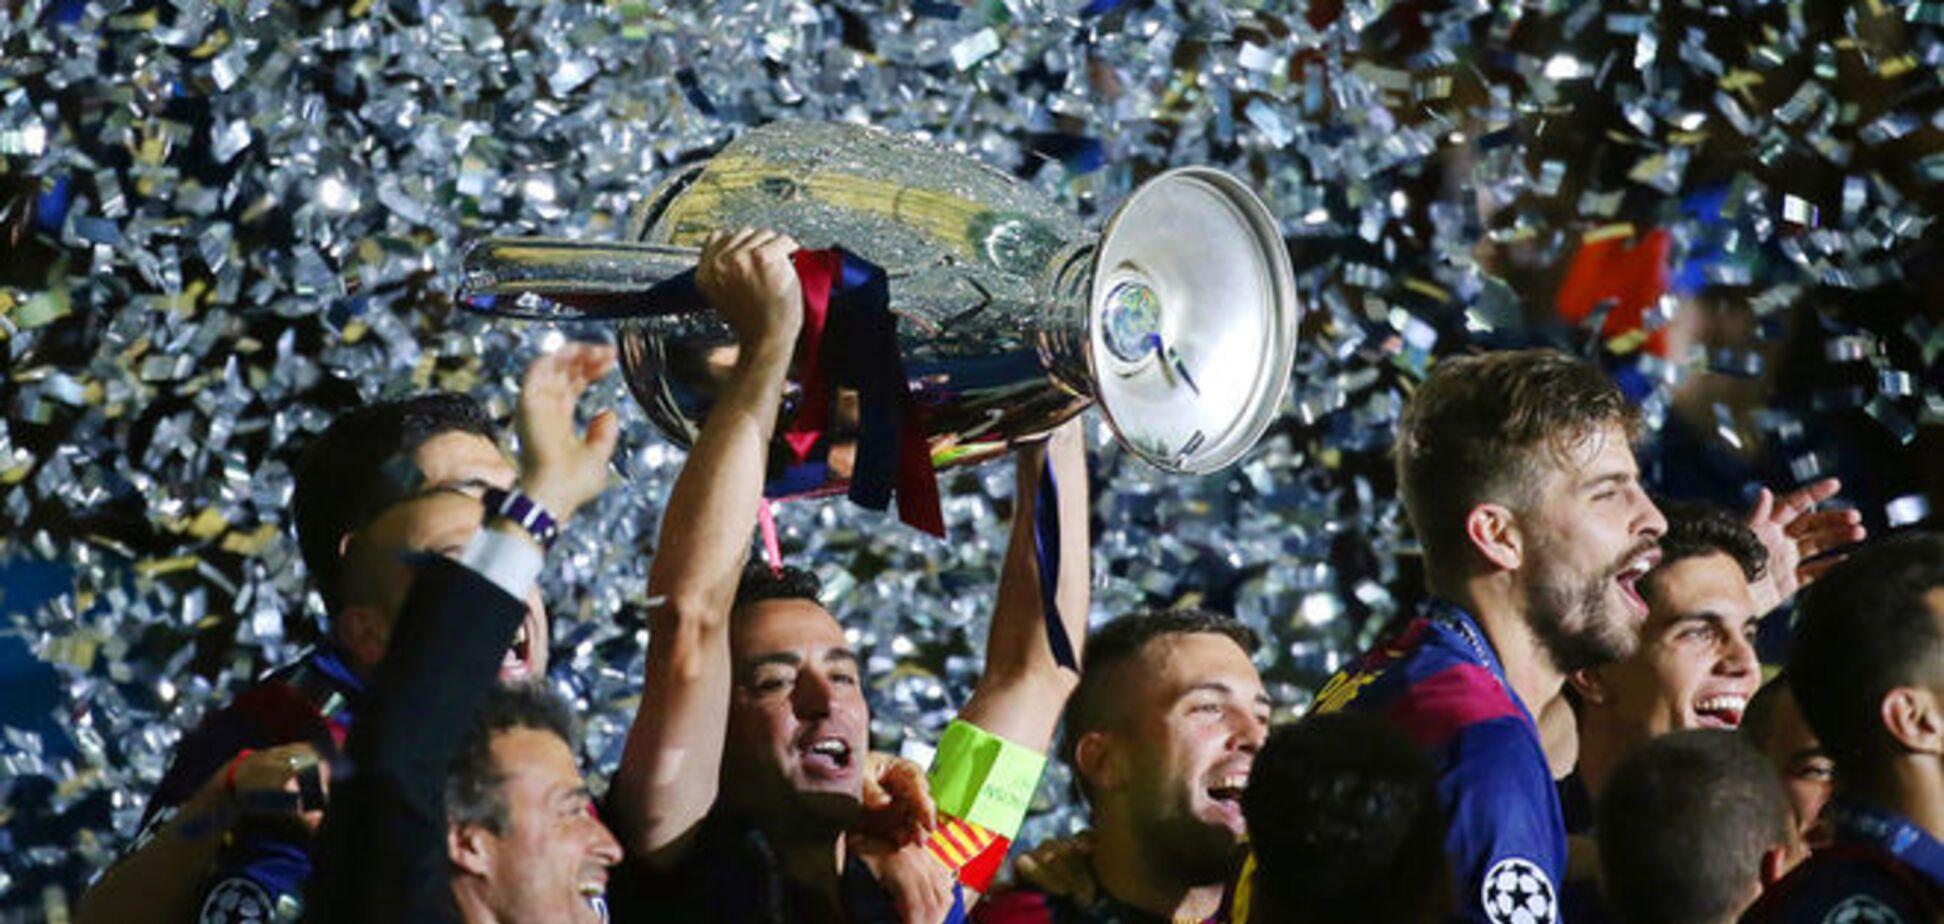 'Барселона' выиграла Лигу чемпионов в тяжелой битве с 'Ювентусом'